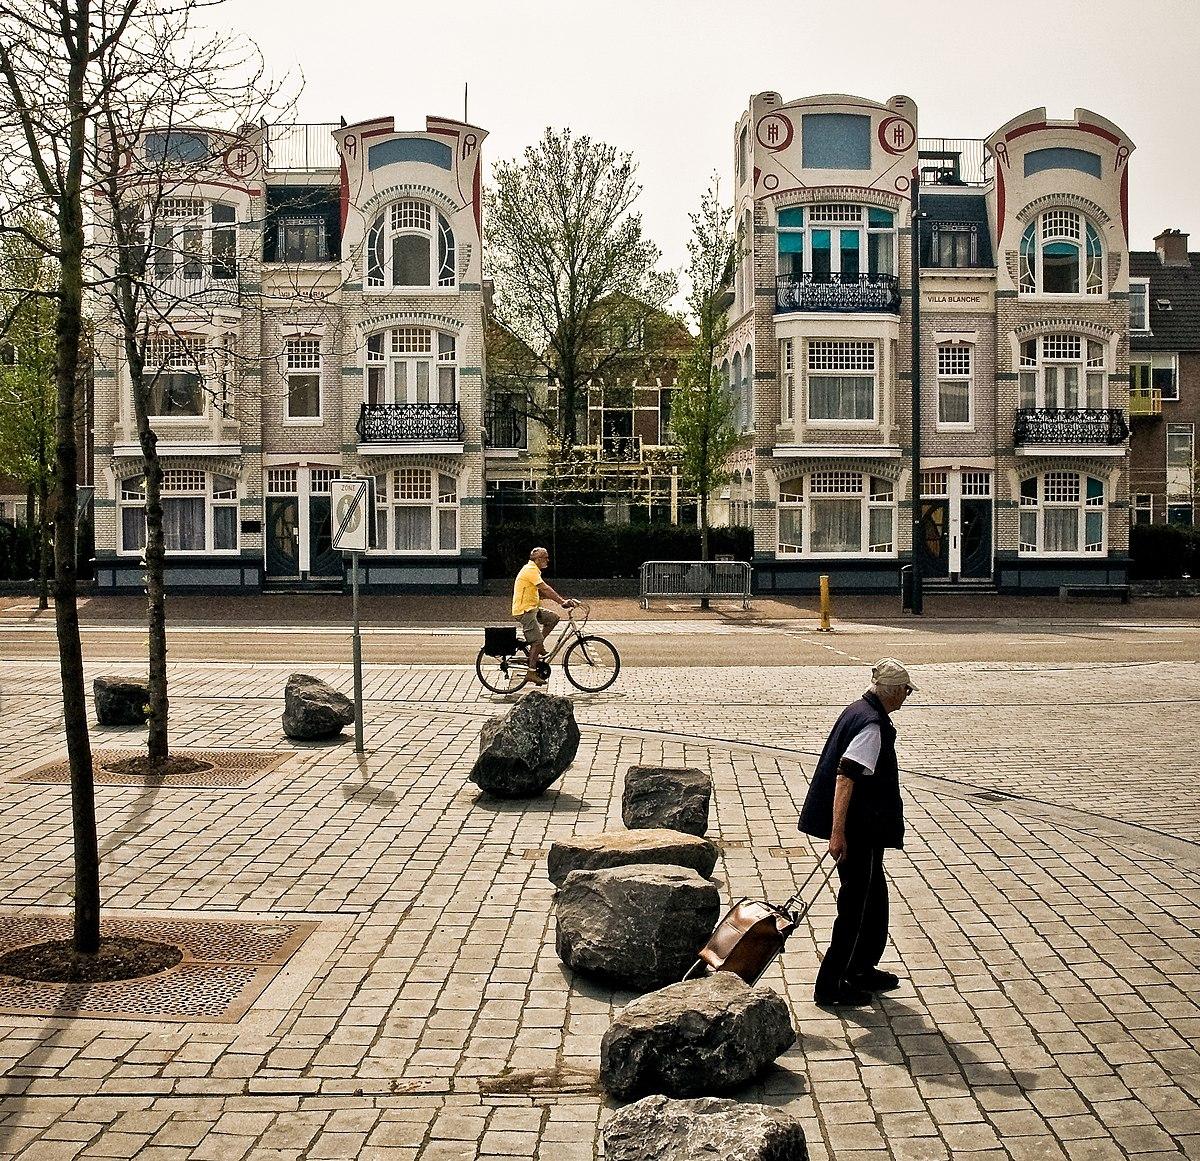 Belgische loodshuizen vlissingen wikipedia for Tegels vlissingen